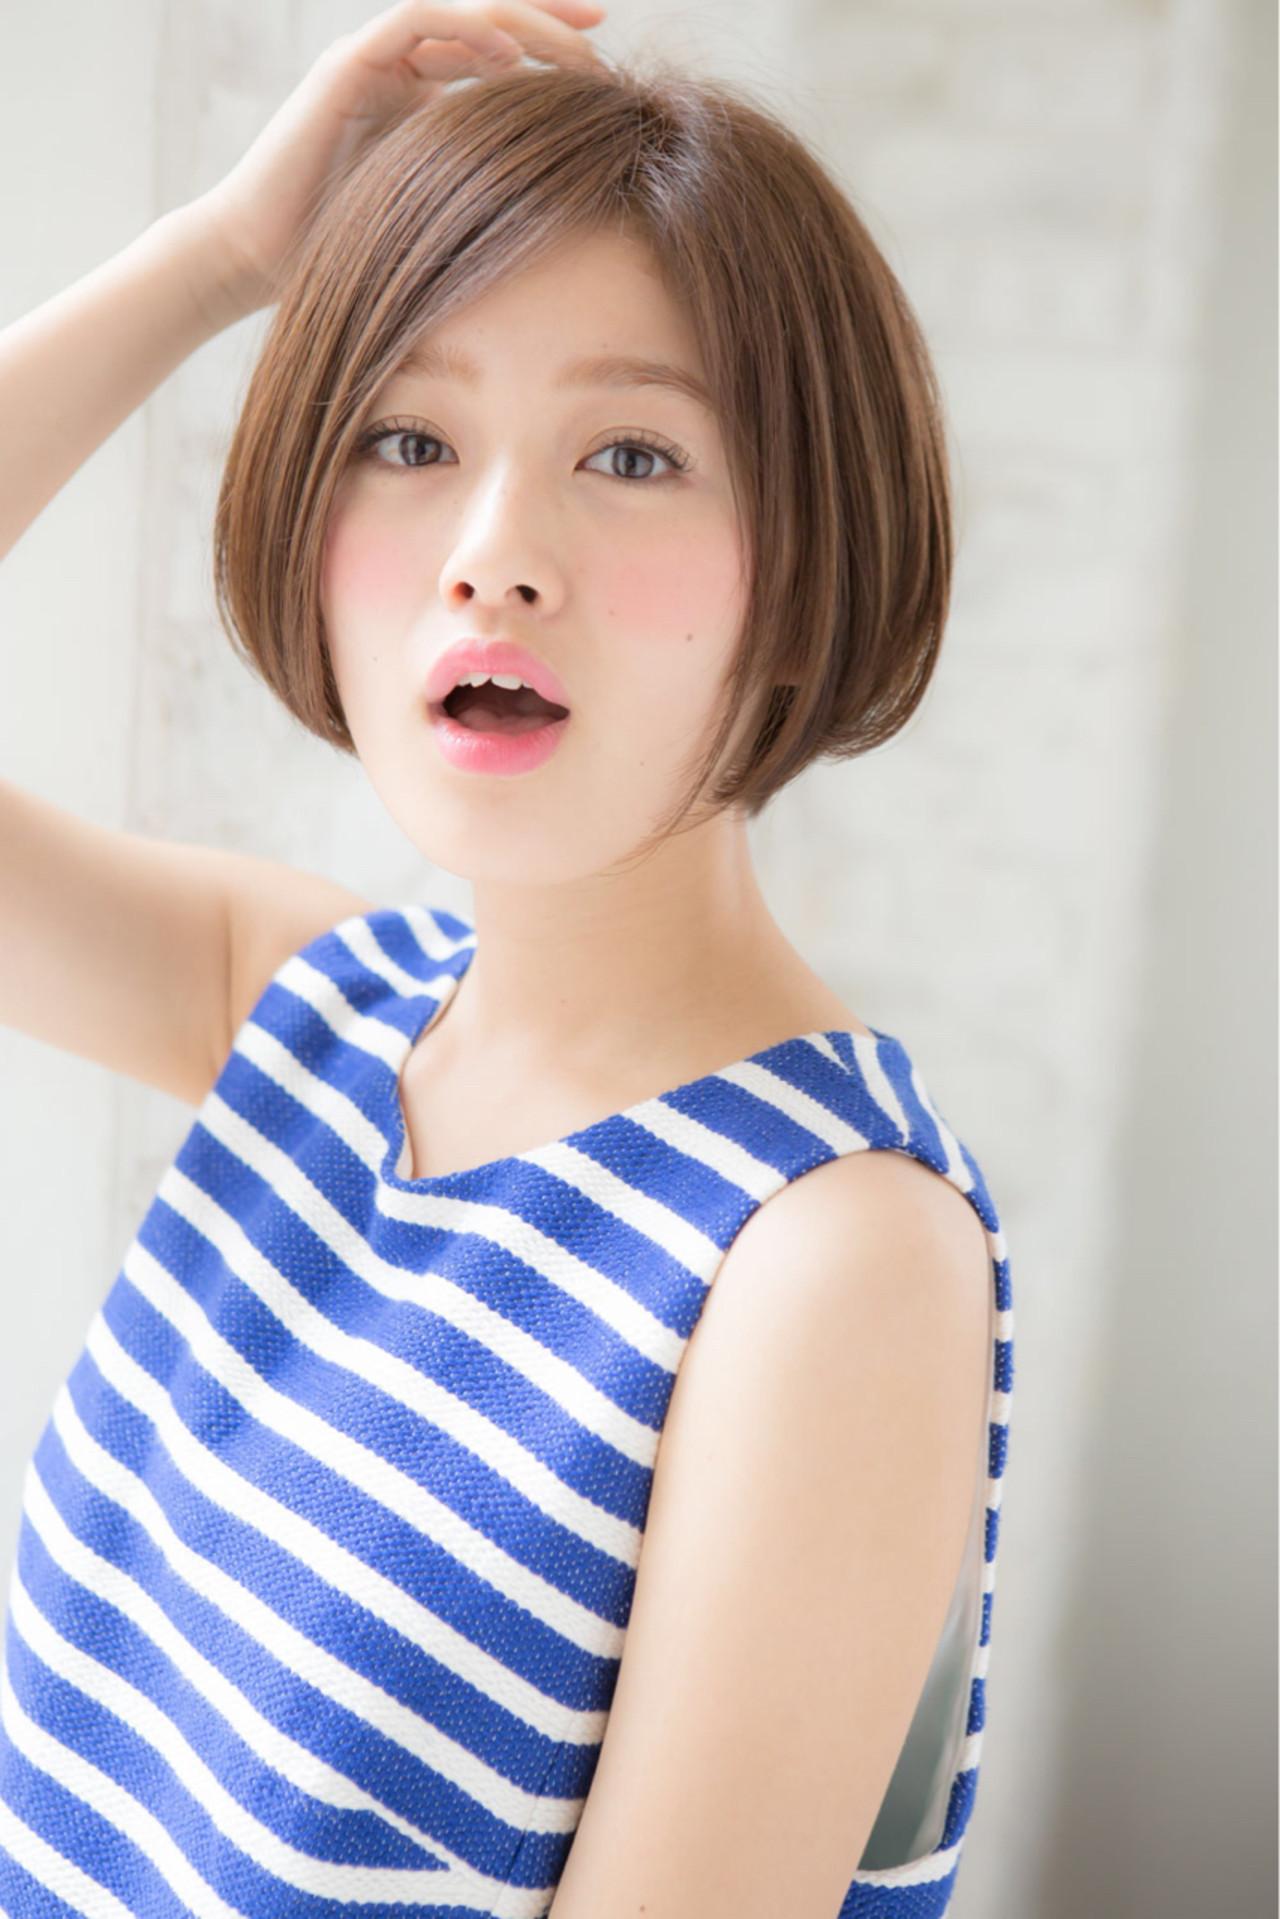 ナチュラル 小顔 ボブ 似合わせ ヘアスタイルや髪型の写真・画像 | 赤井希望 / joemibyUnami